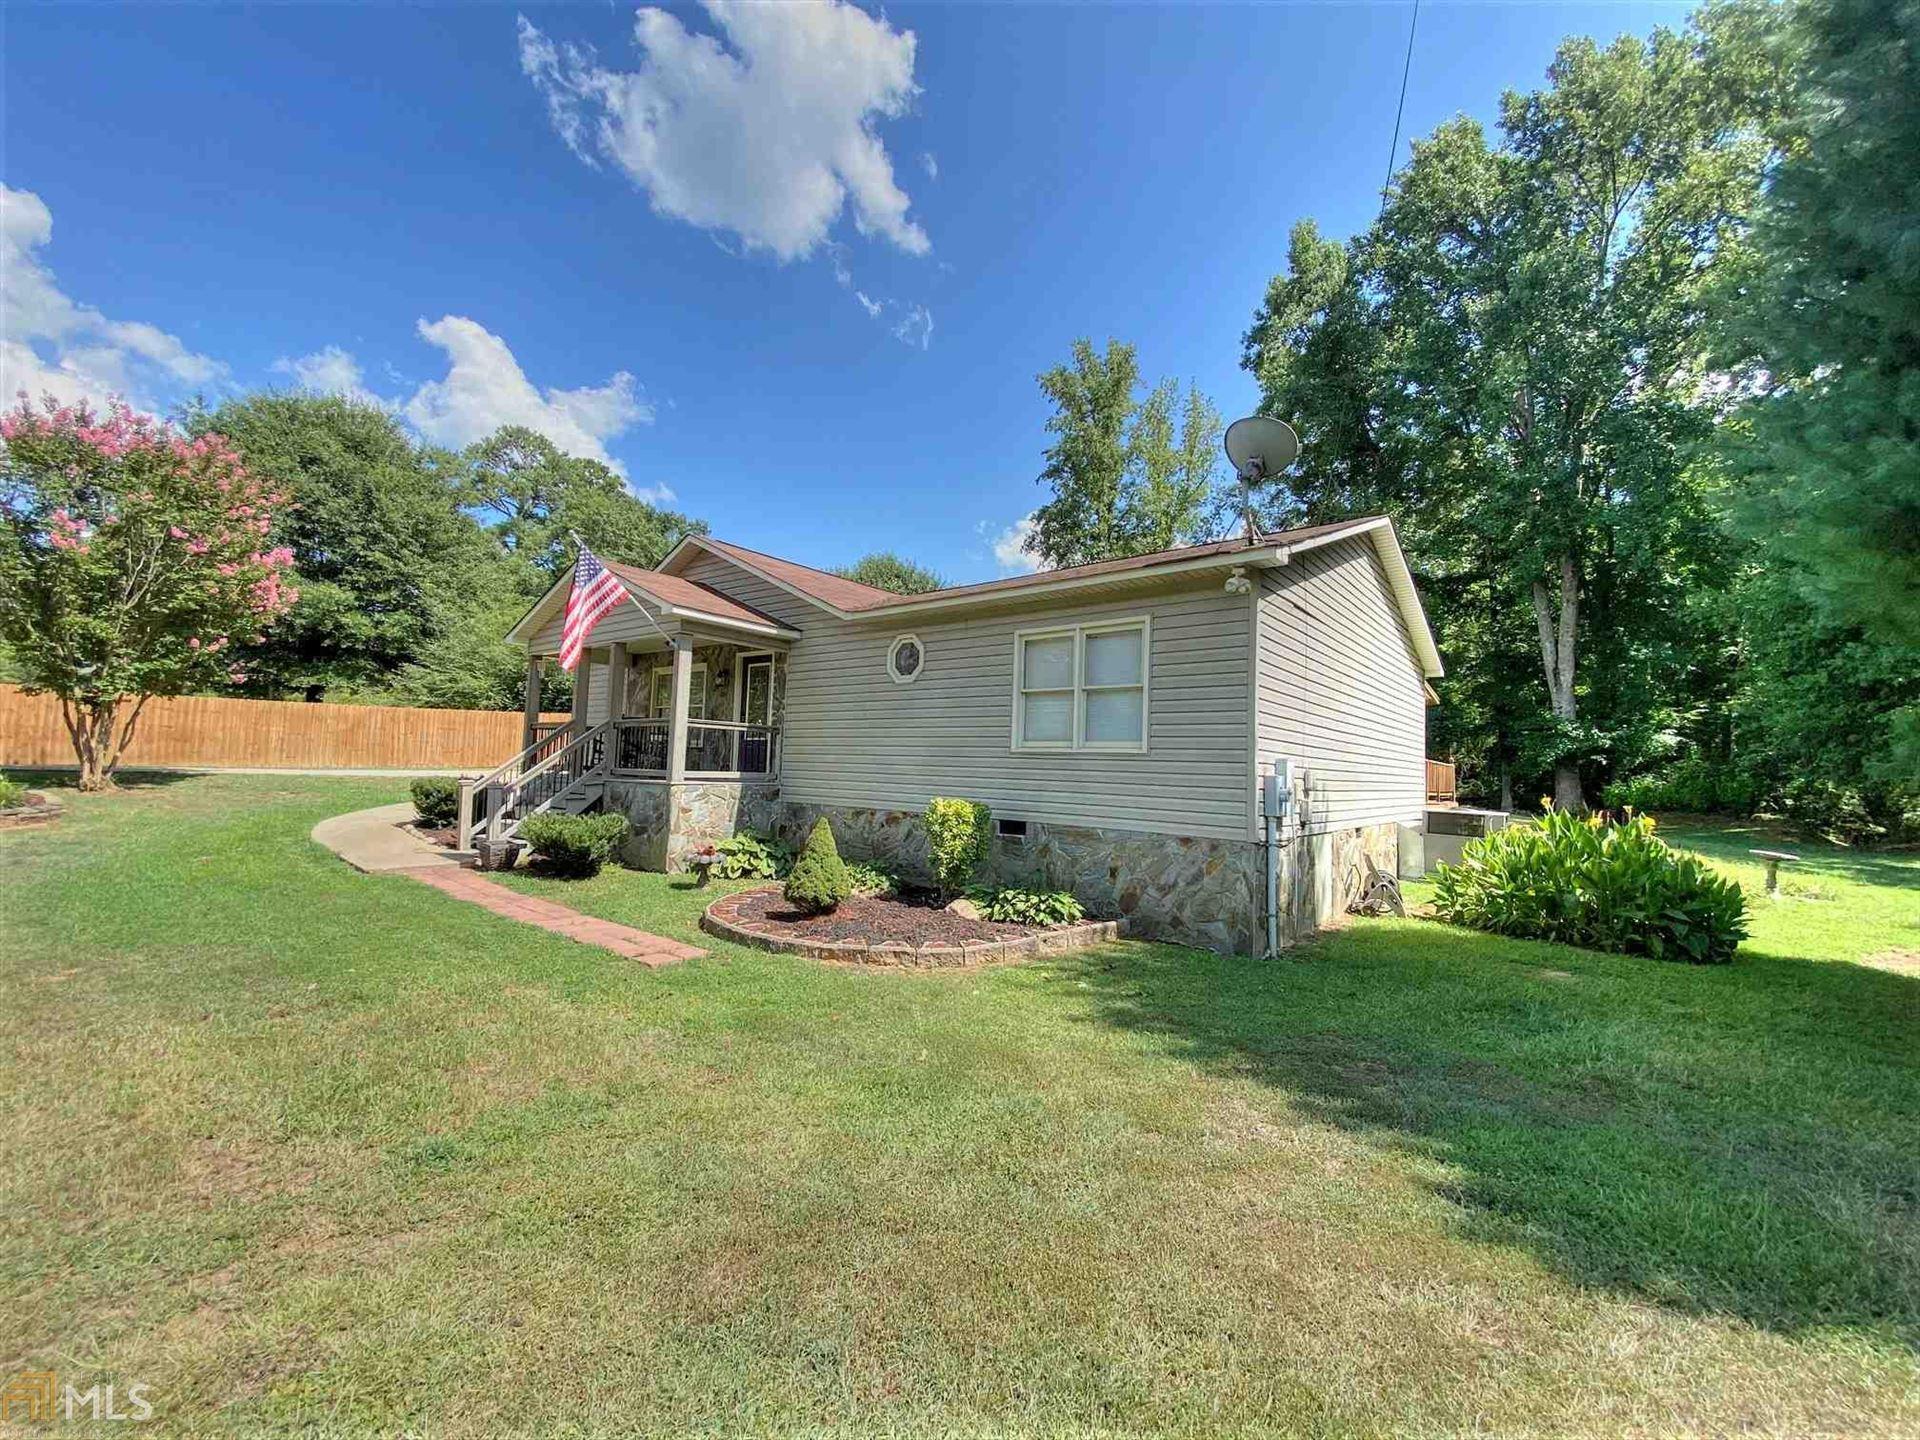 1106 Blue Creek Rd, Hogansville, GA 30230 - #: 8834546